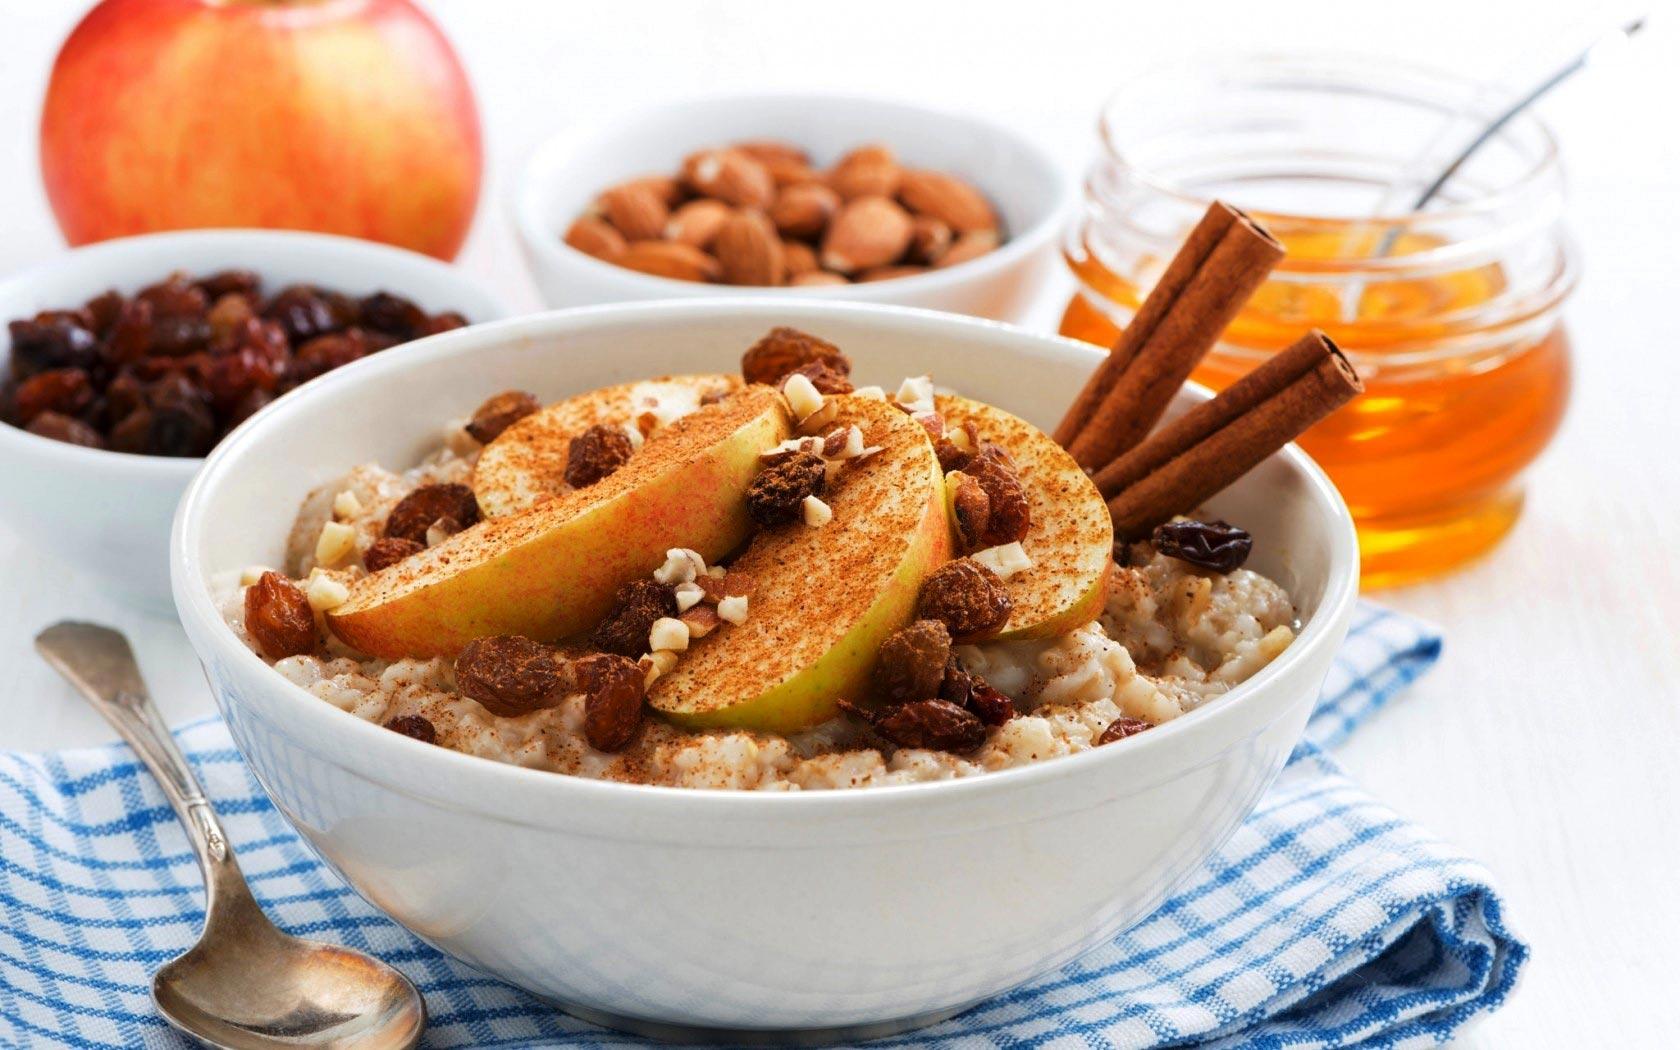 основные особенности постные блюда на завтрак рецепты с фото меня это просто